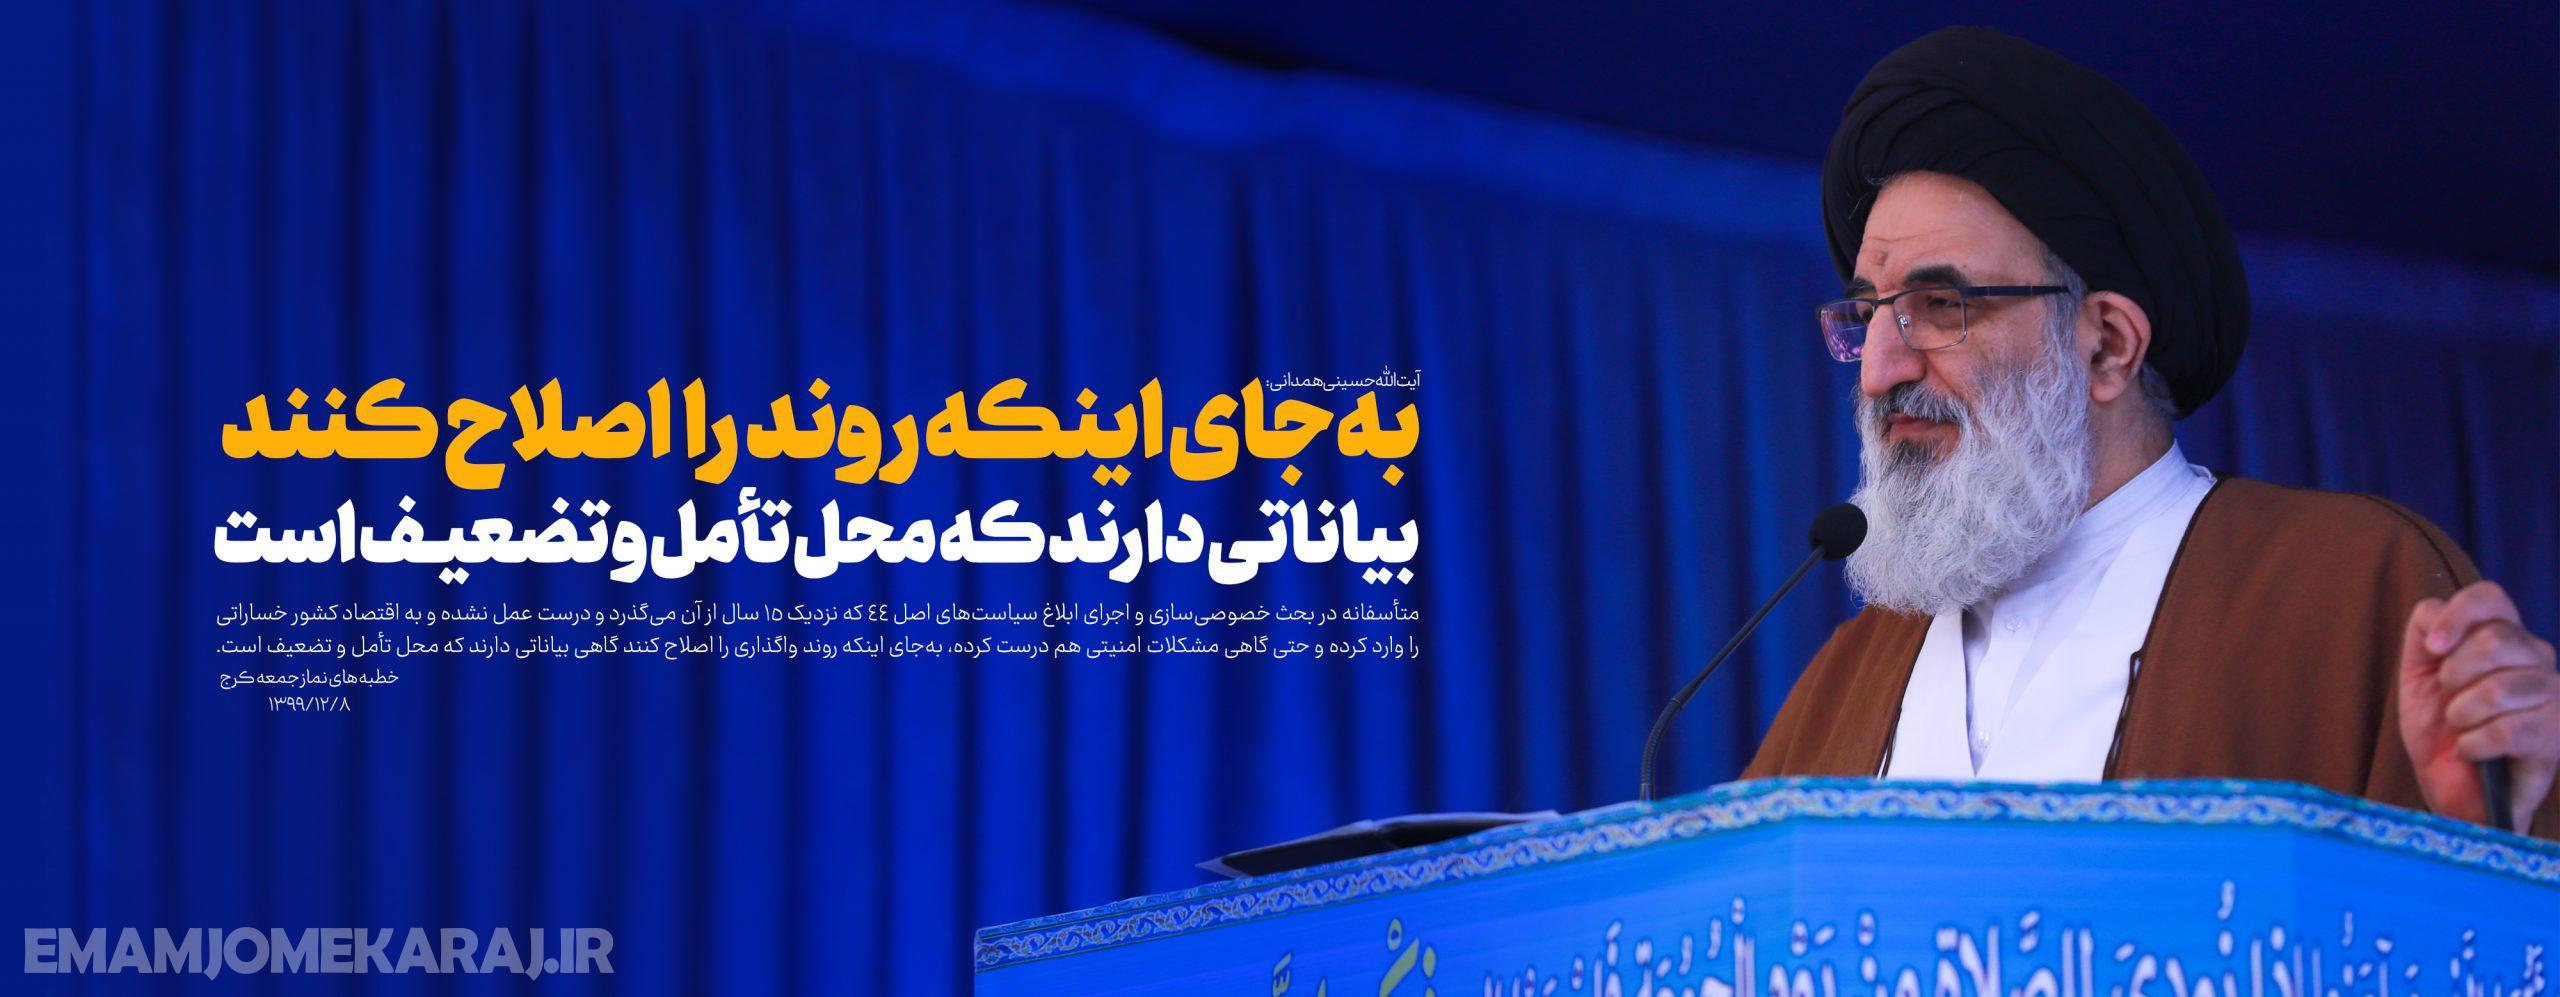 واکنش امامجمعه کرج به اظهارات اخیر معاون اول رئیسجمهور